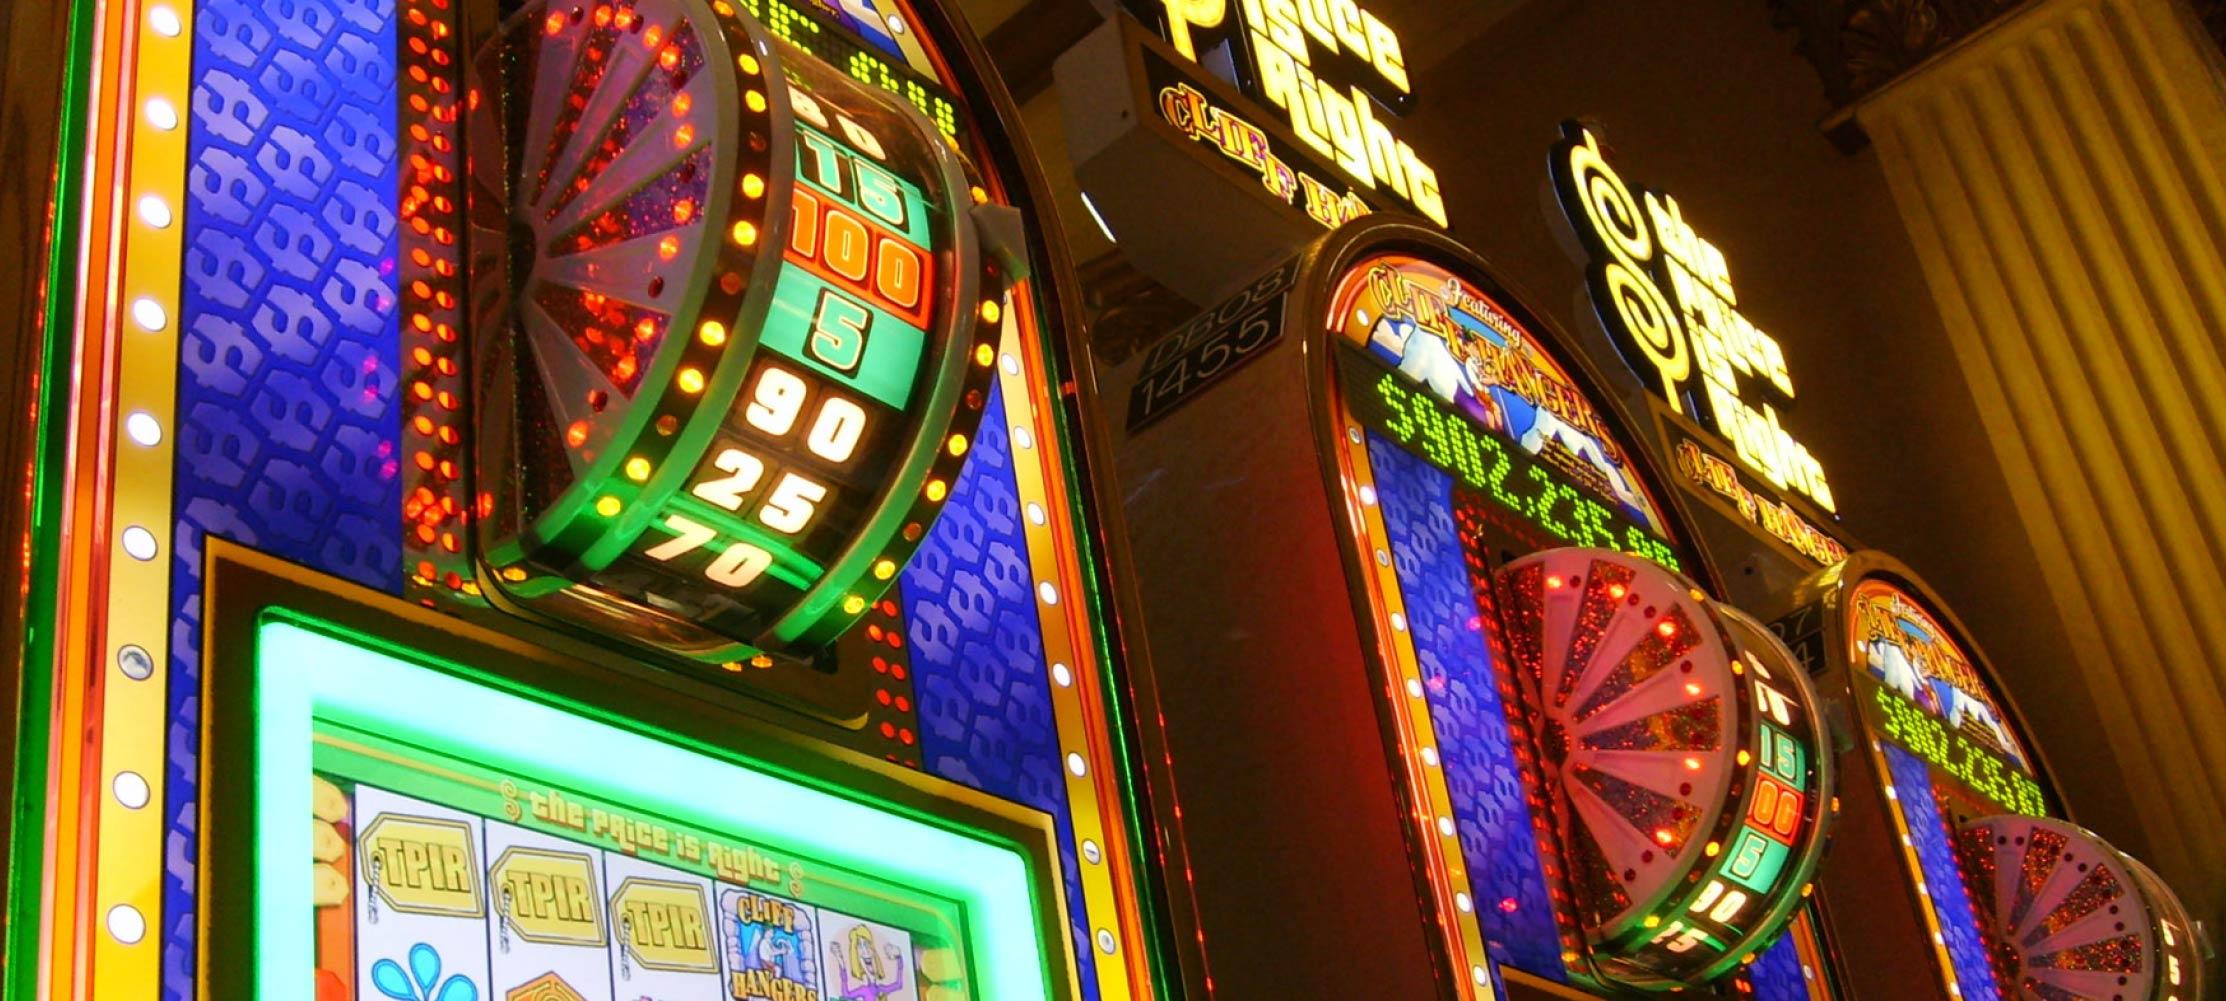 CIRSA maquinas casino